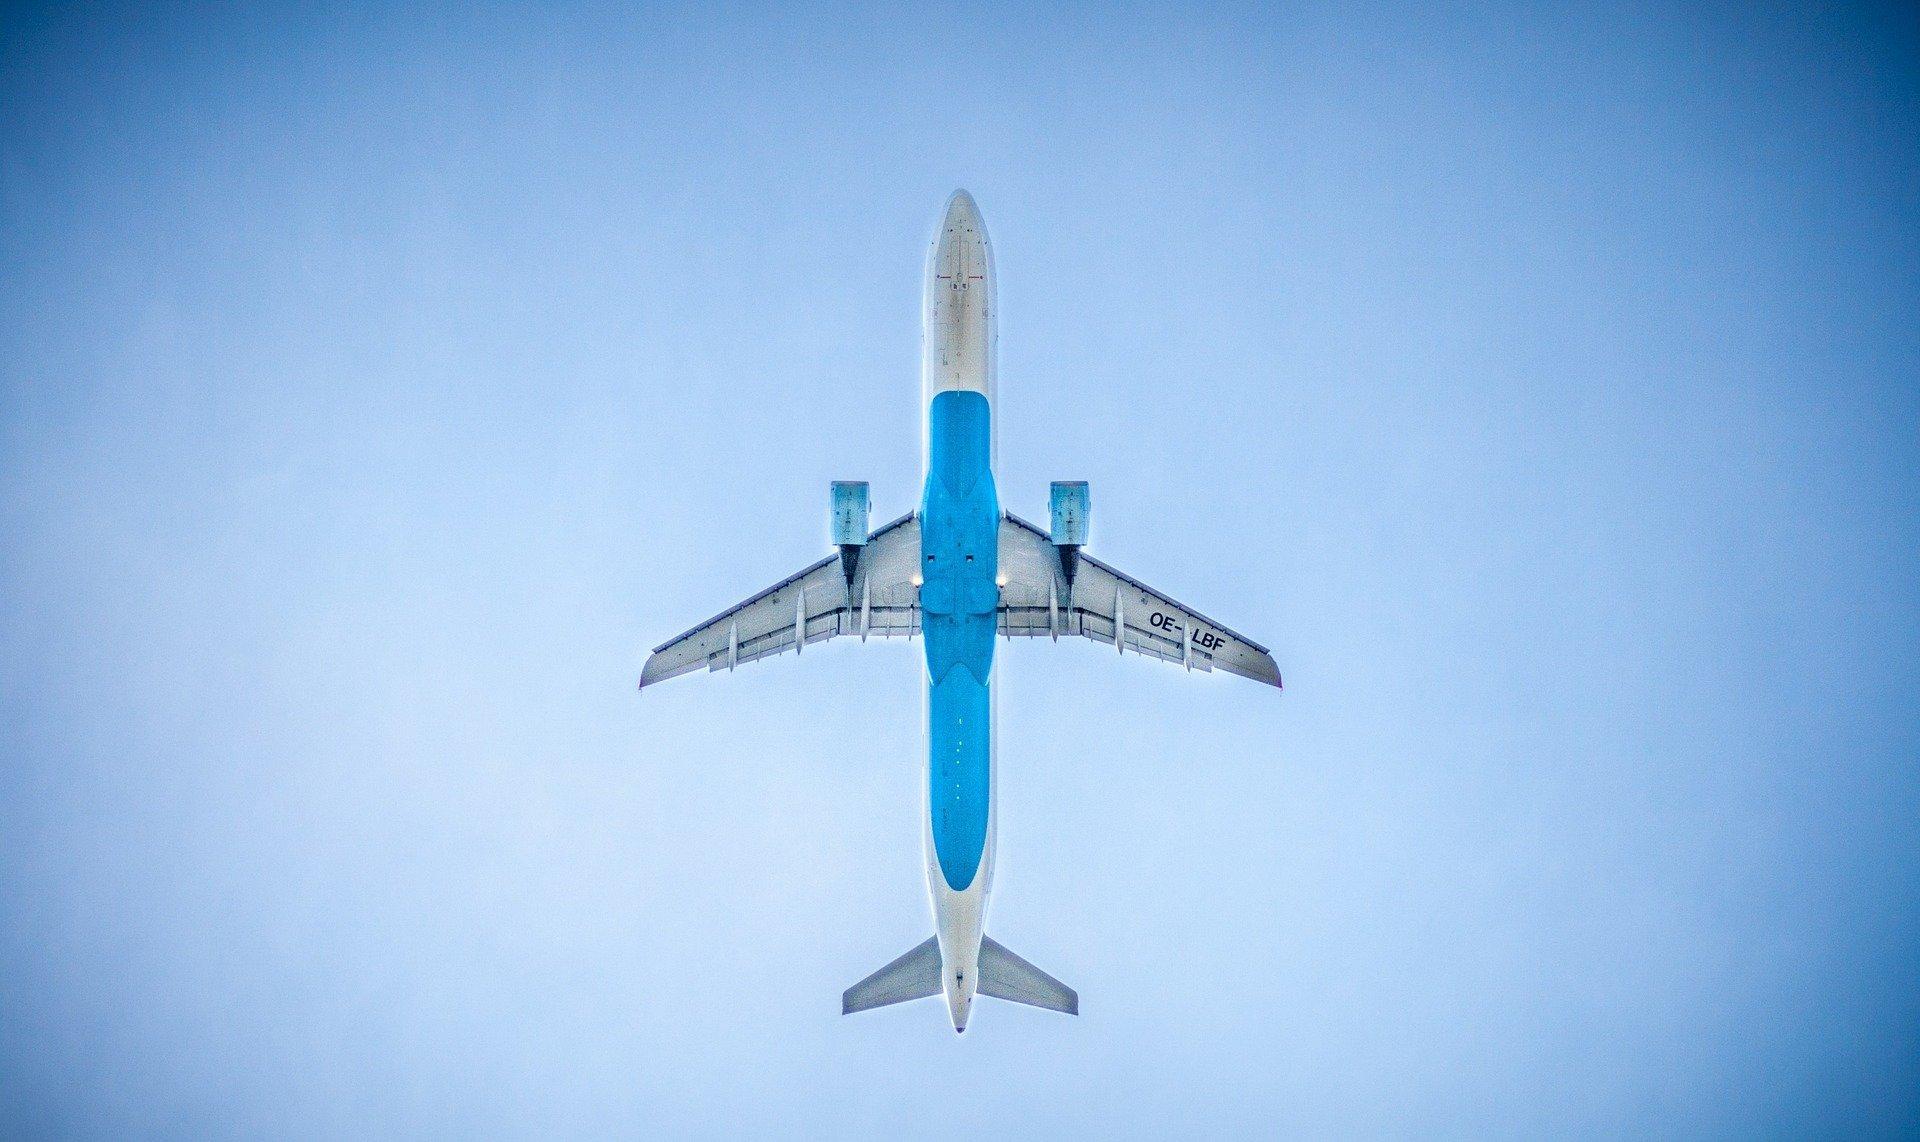 Avión en vuelo. Fuente: Pixabay